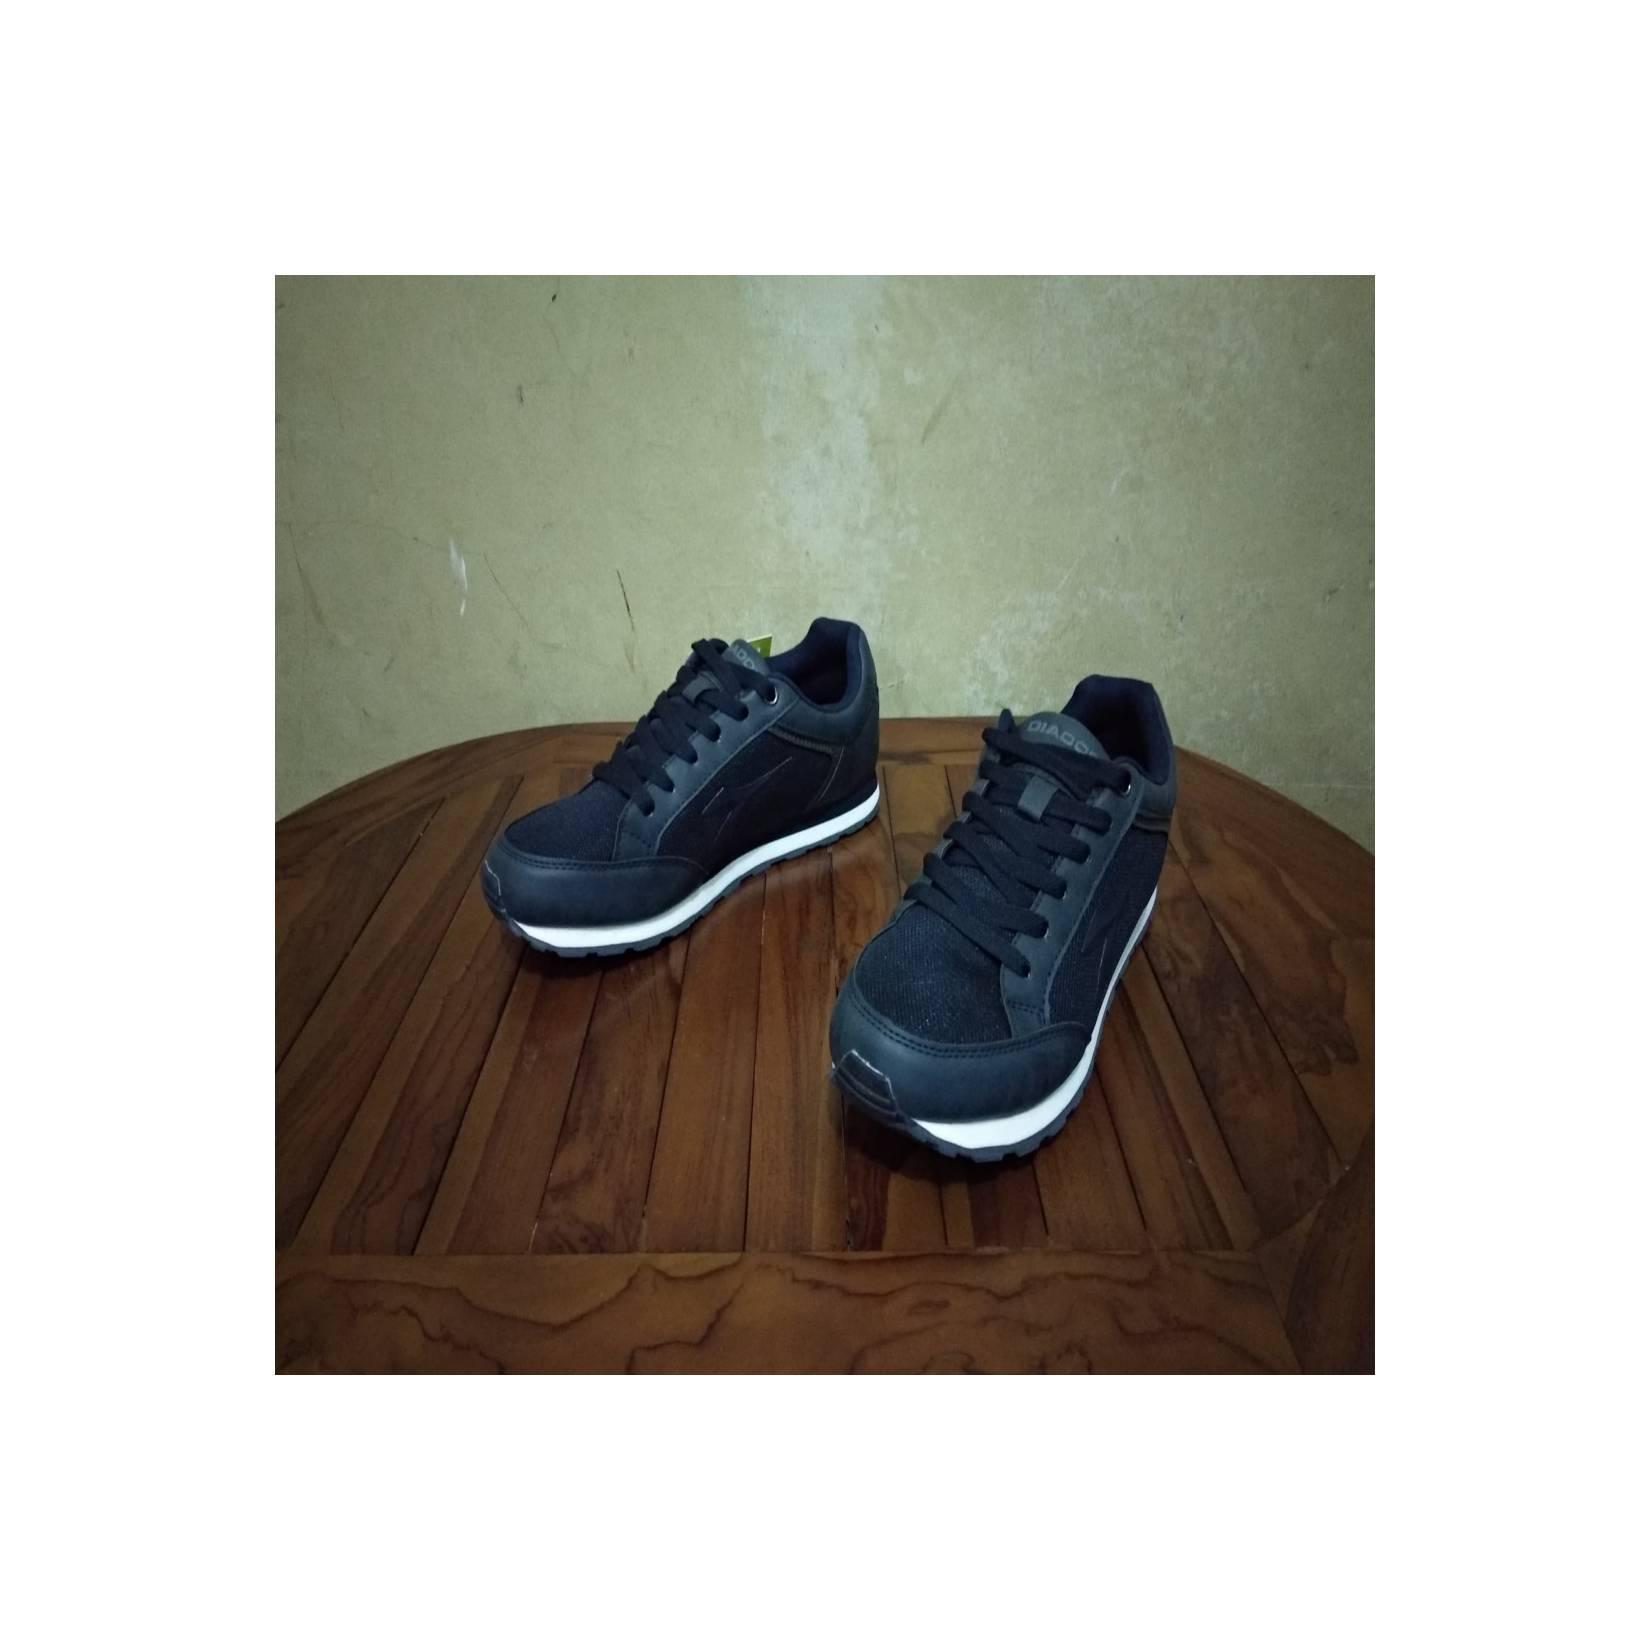 Sepatu Running / Olahraga Diadora Dante Nav Original, Murah (Not Nike)